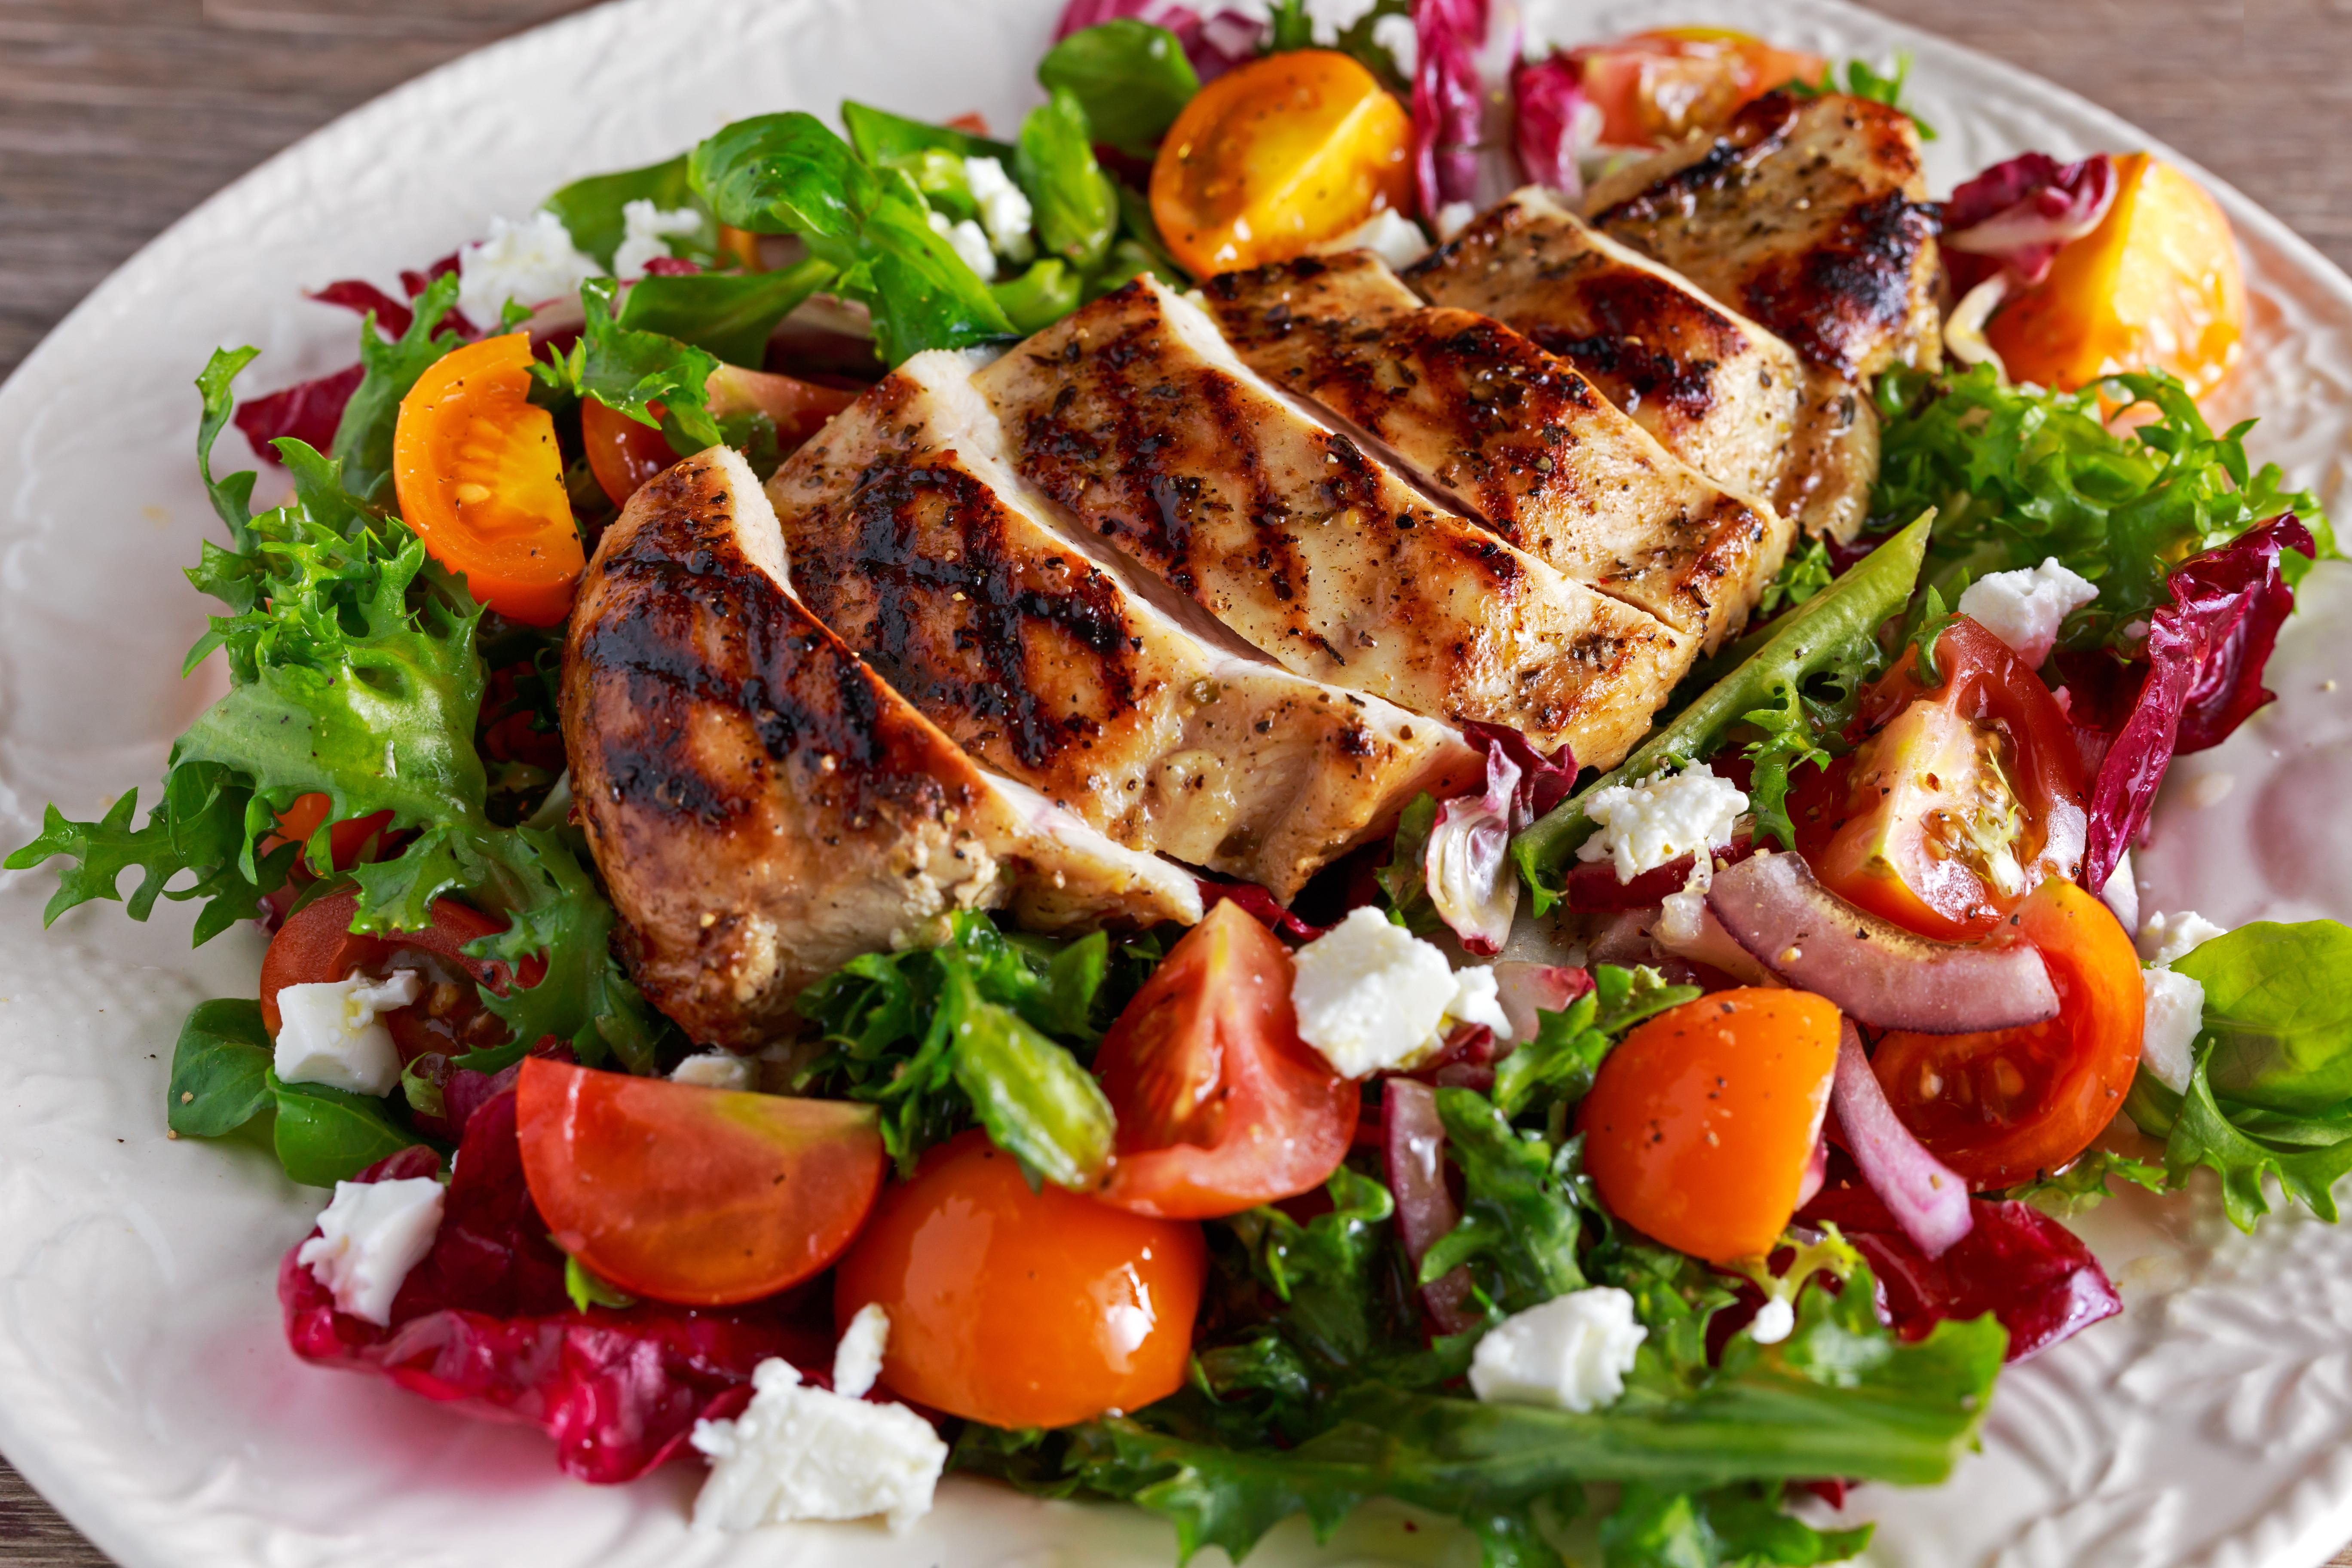 Healthy Meal Ideas For Dinner  Healthy Dinner Ideas